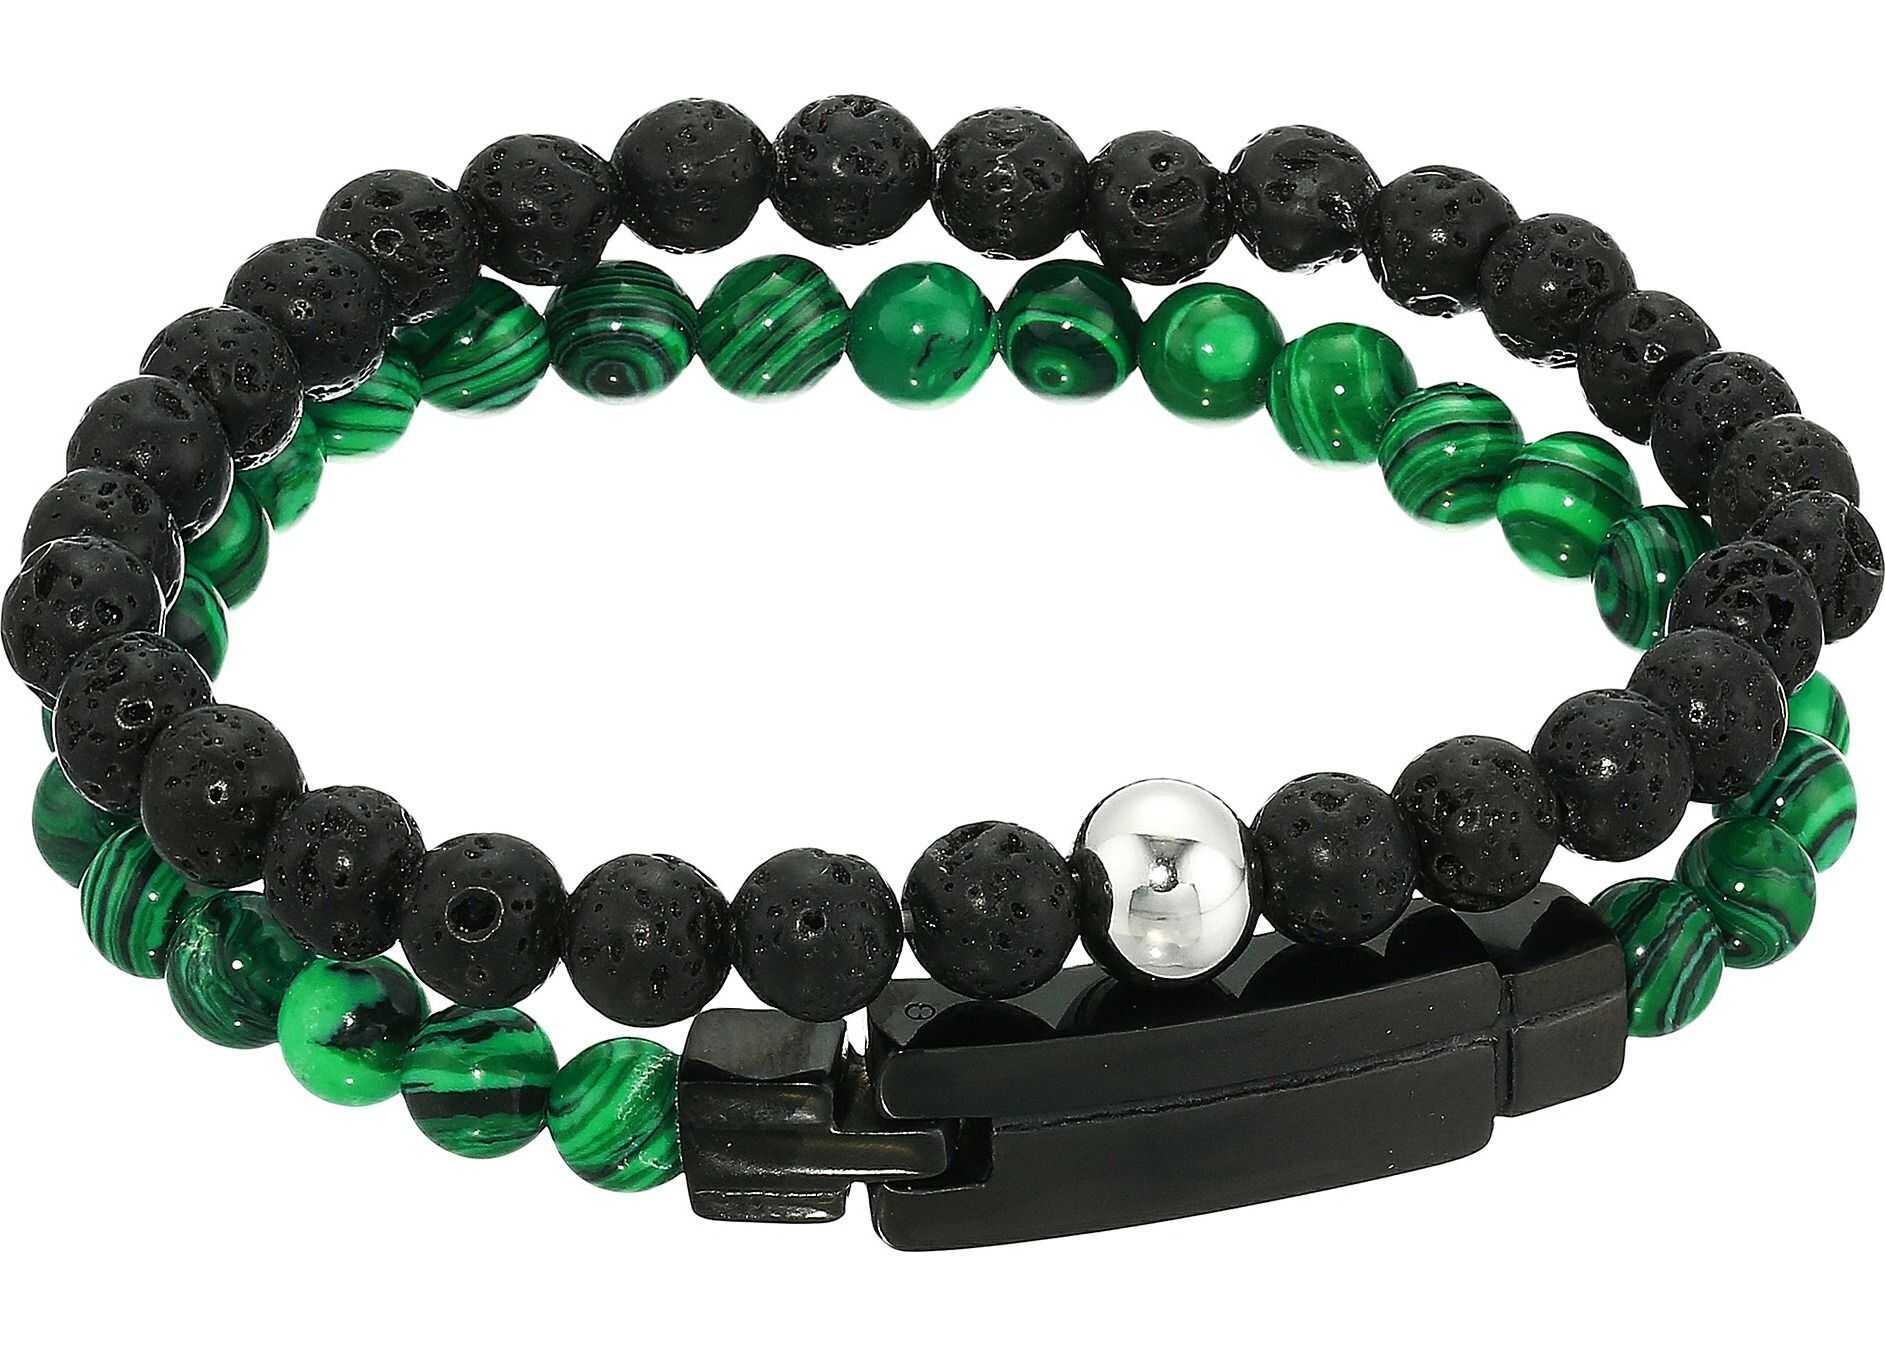 Steve Madden Beaded Duo Bracelet Set in Stainless Steel Green/Black